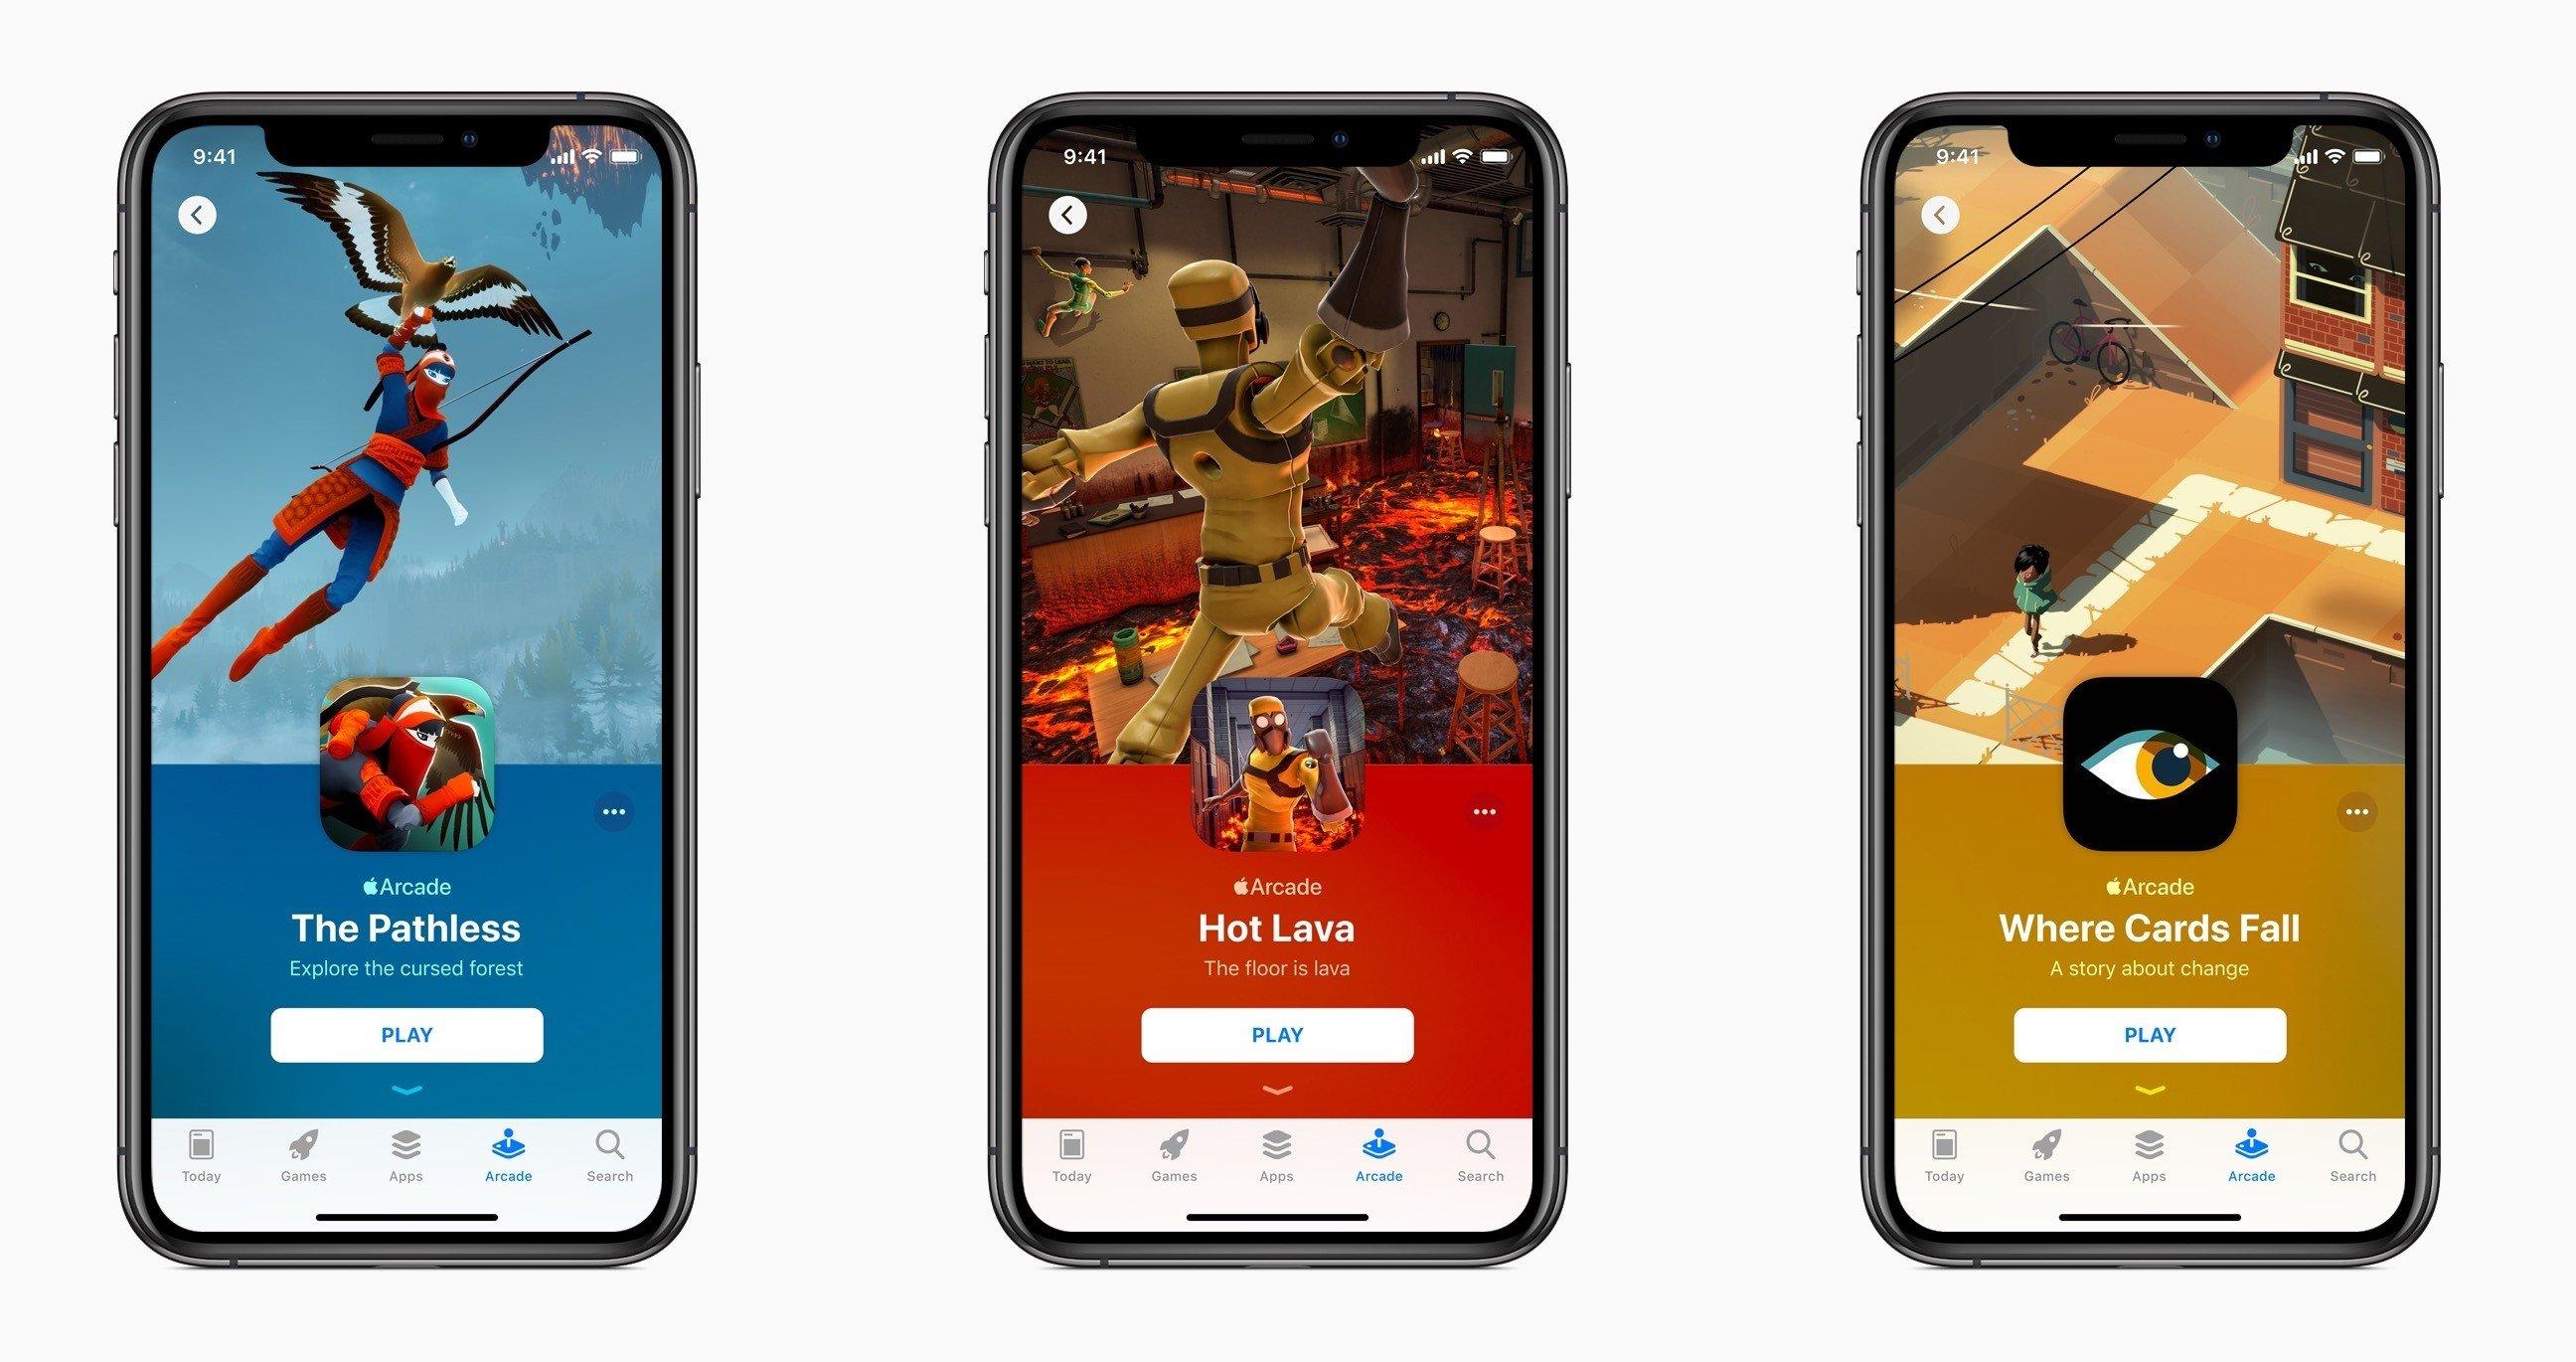 Apple lance un nouveau service d'abonnement aux jeux vidéo